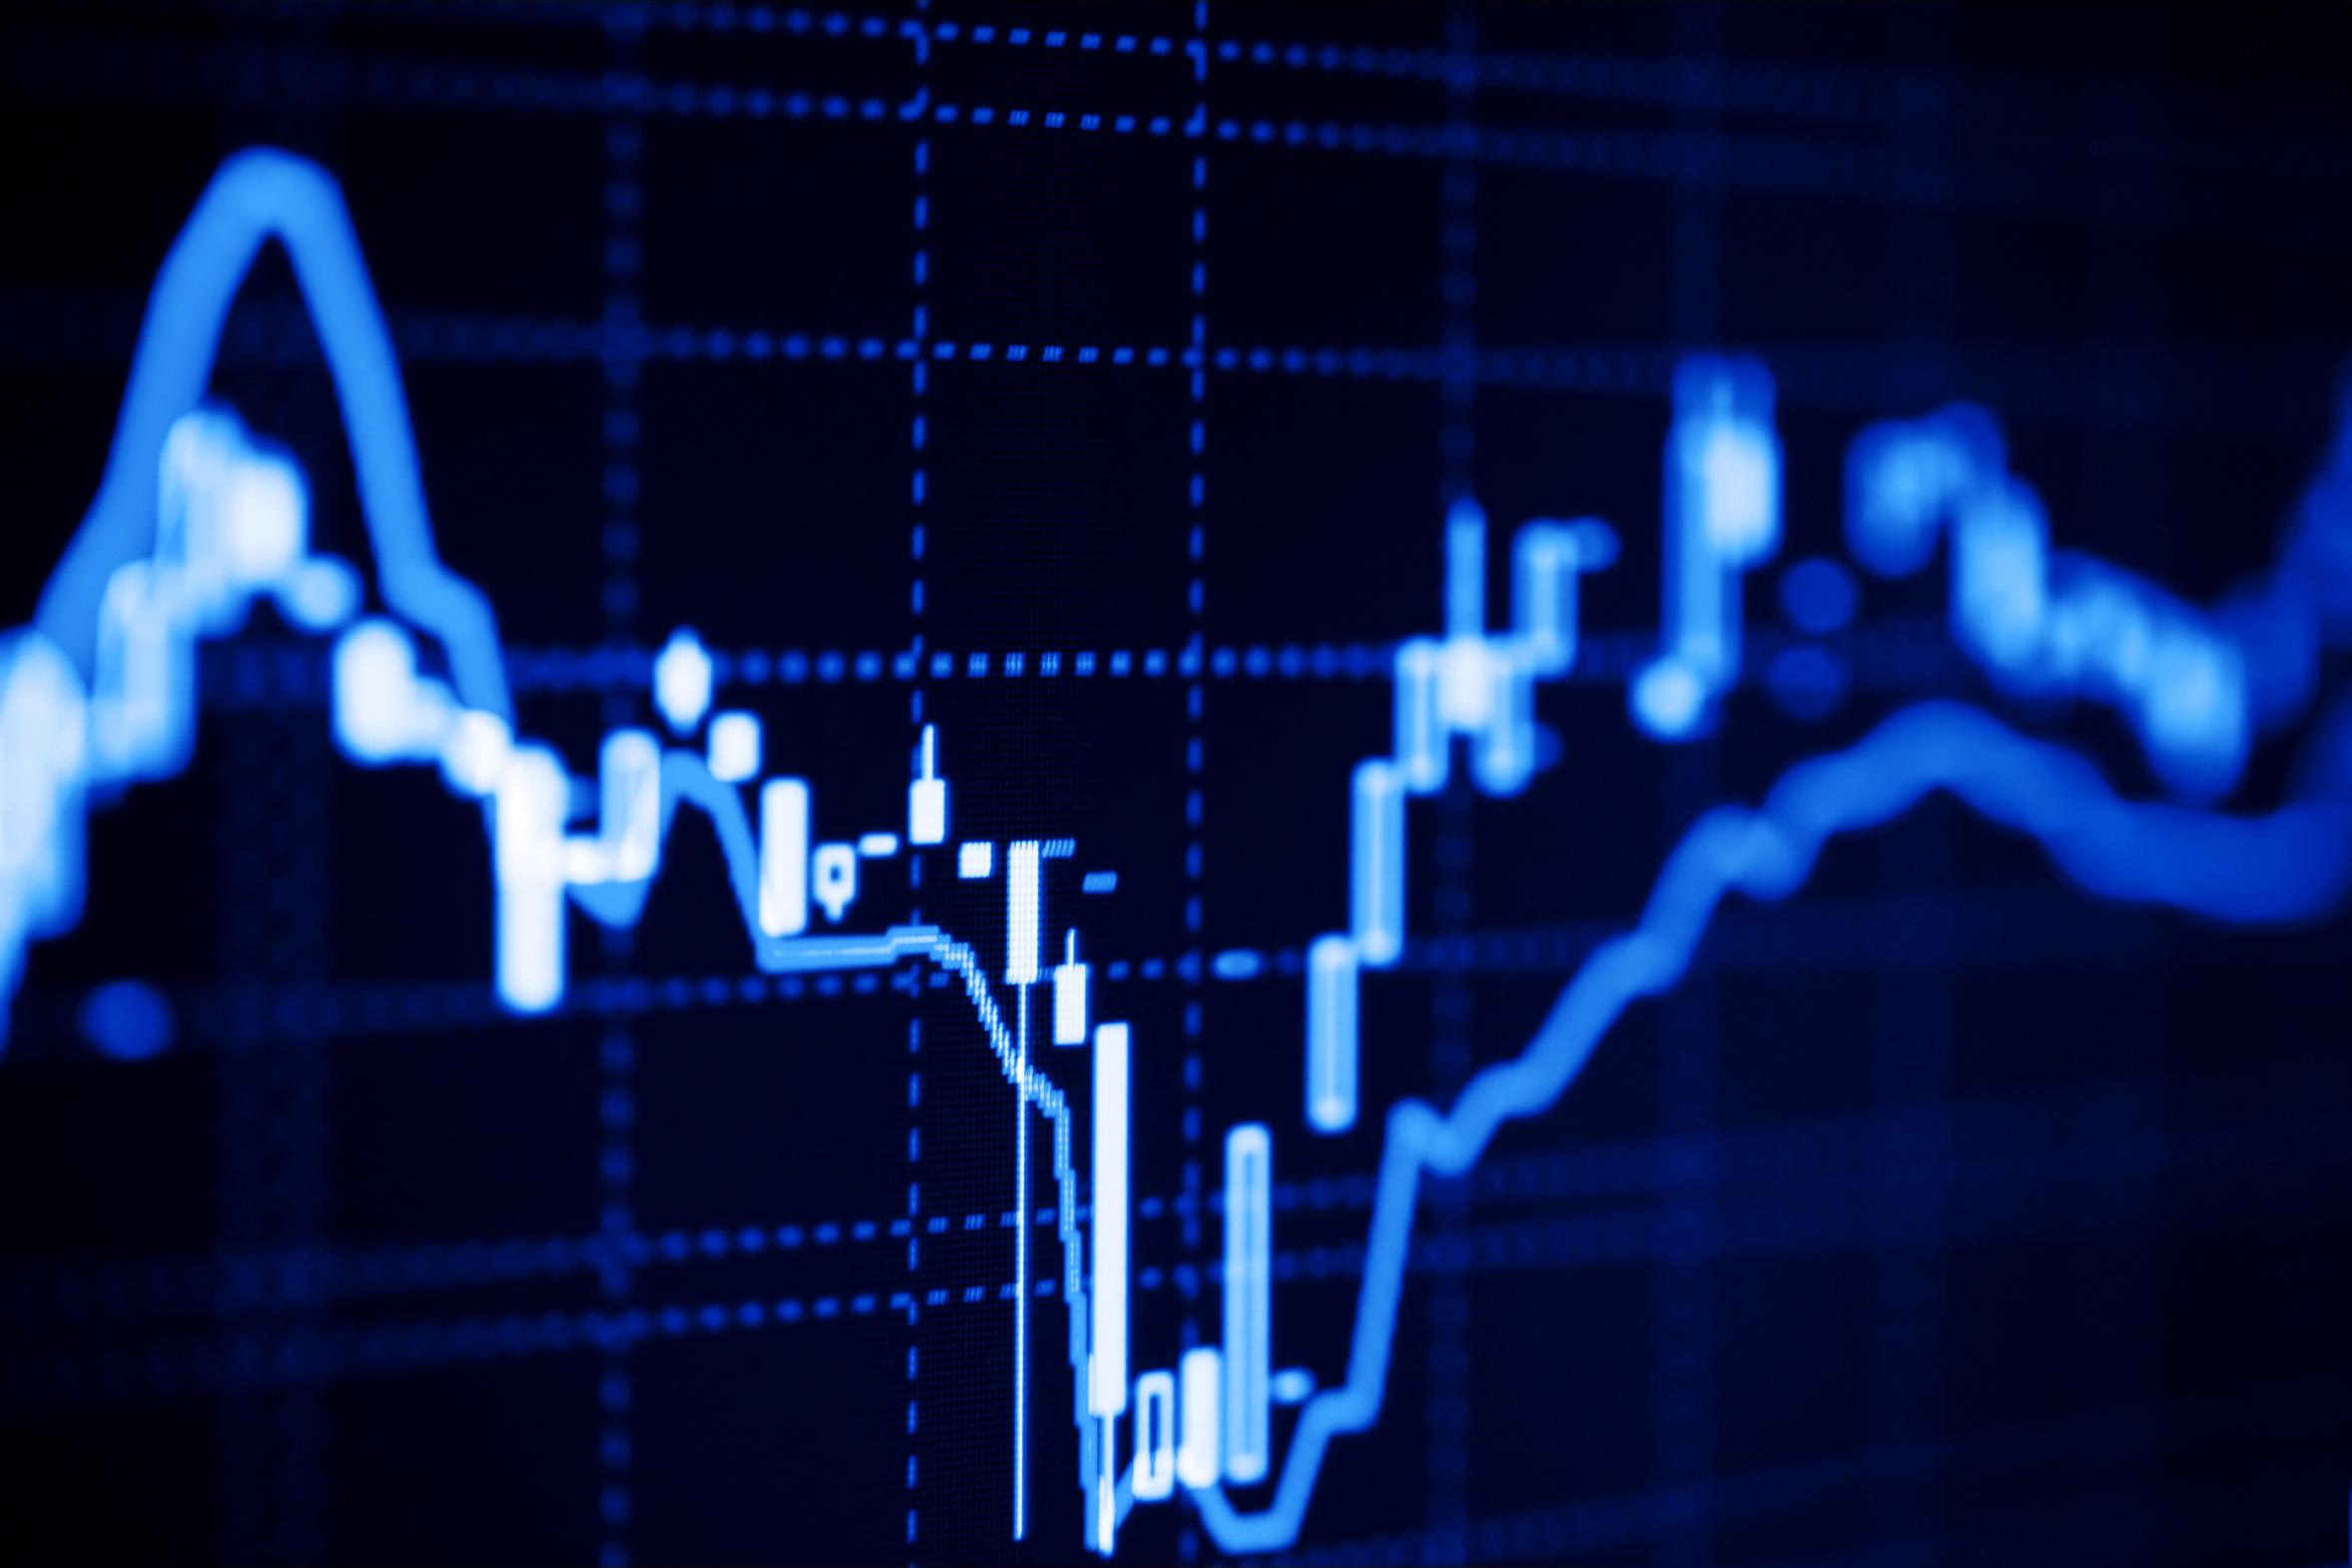 زیان گریزی در بازارهای مالی